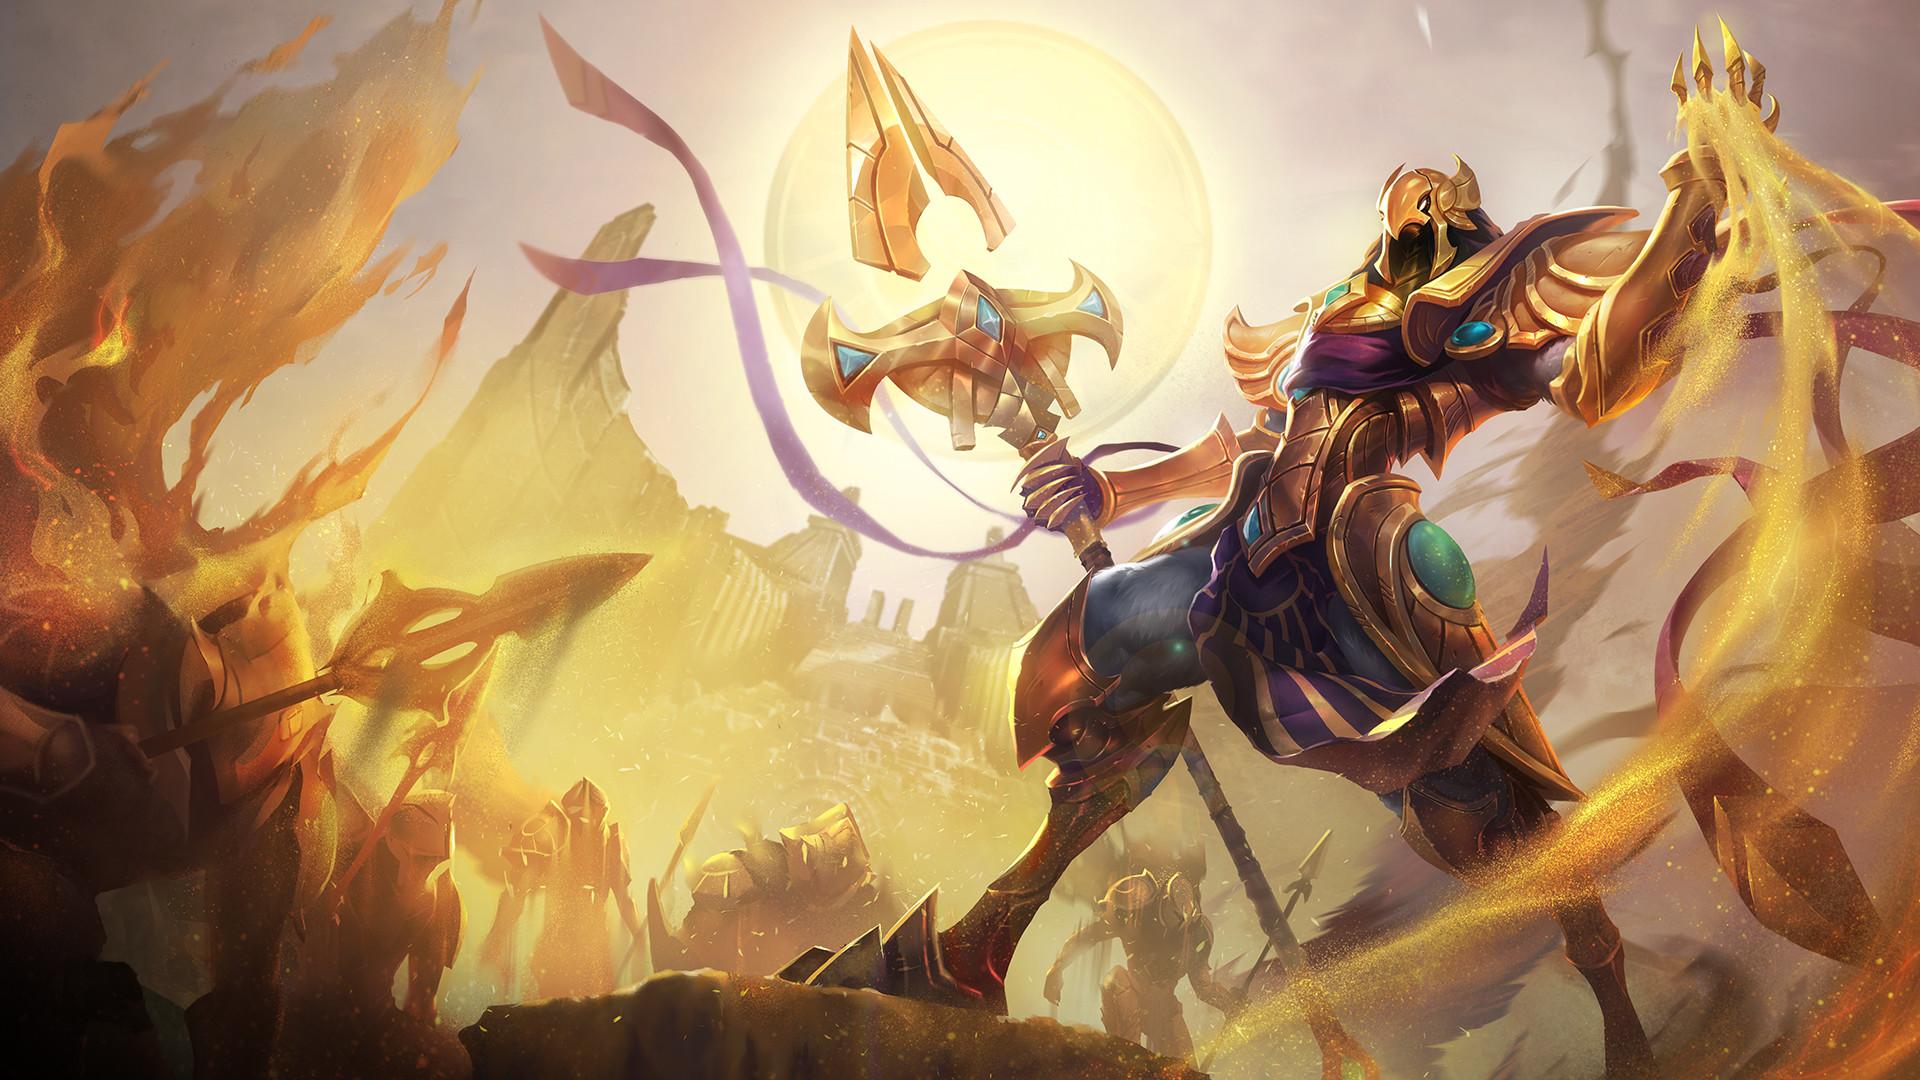 Res: 1920x1080, urusai-baka 256 16 League of Legends: Azir Wallpaper 1920 x 1080 by  xXNinjaGaaraXx